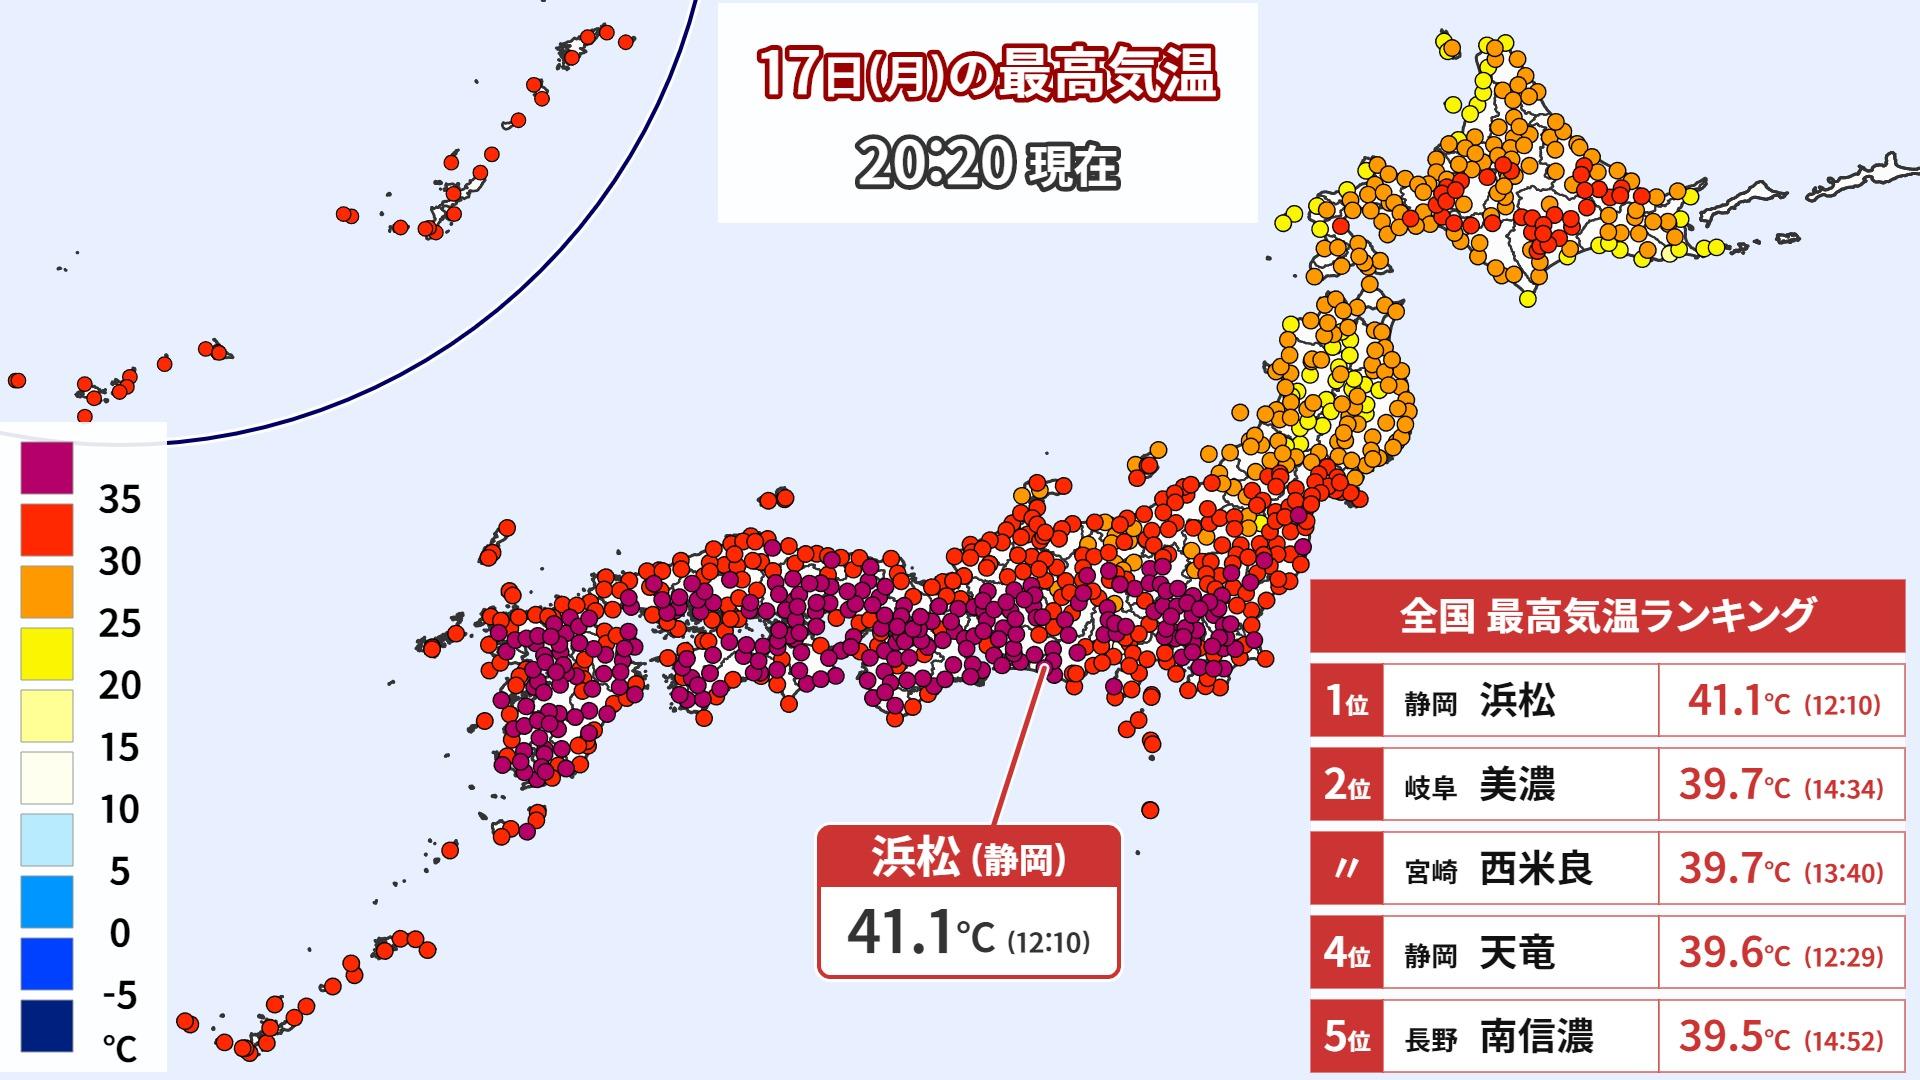 気温 全国 ランキング 最高 気象庁|最新の気象データ